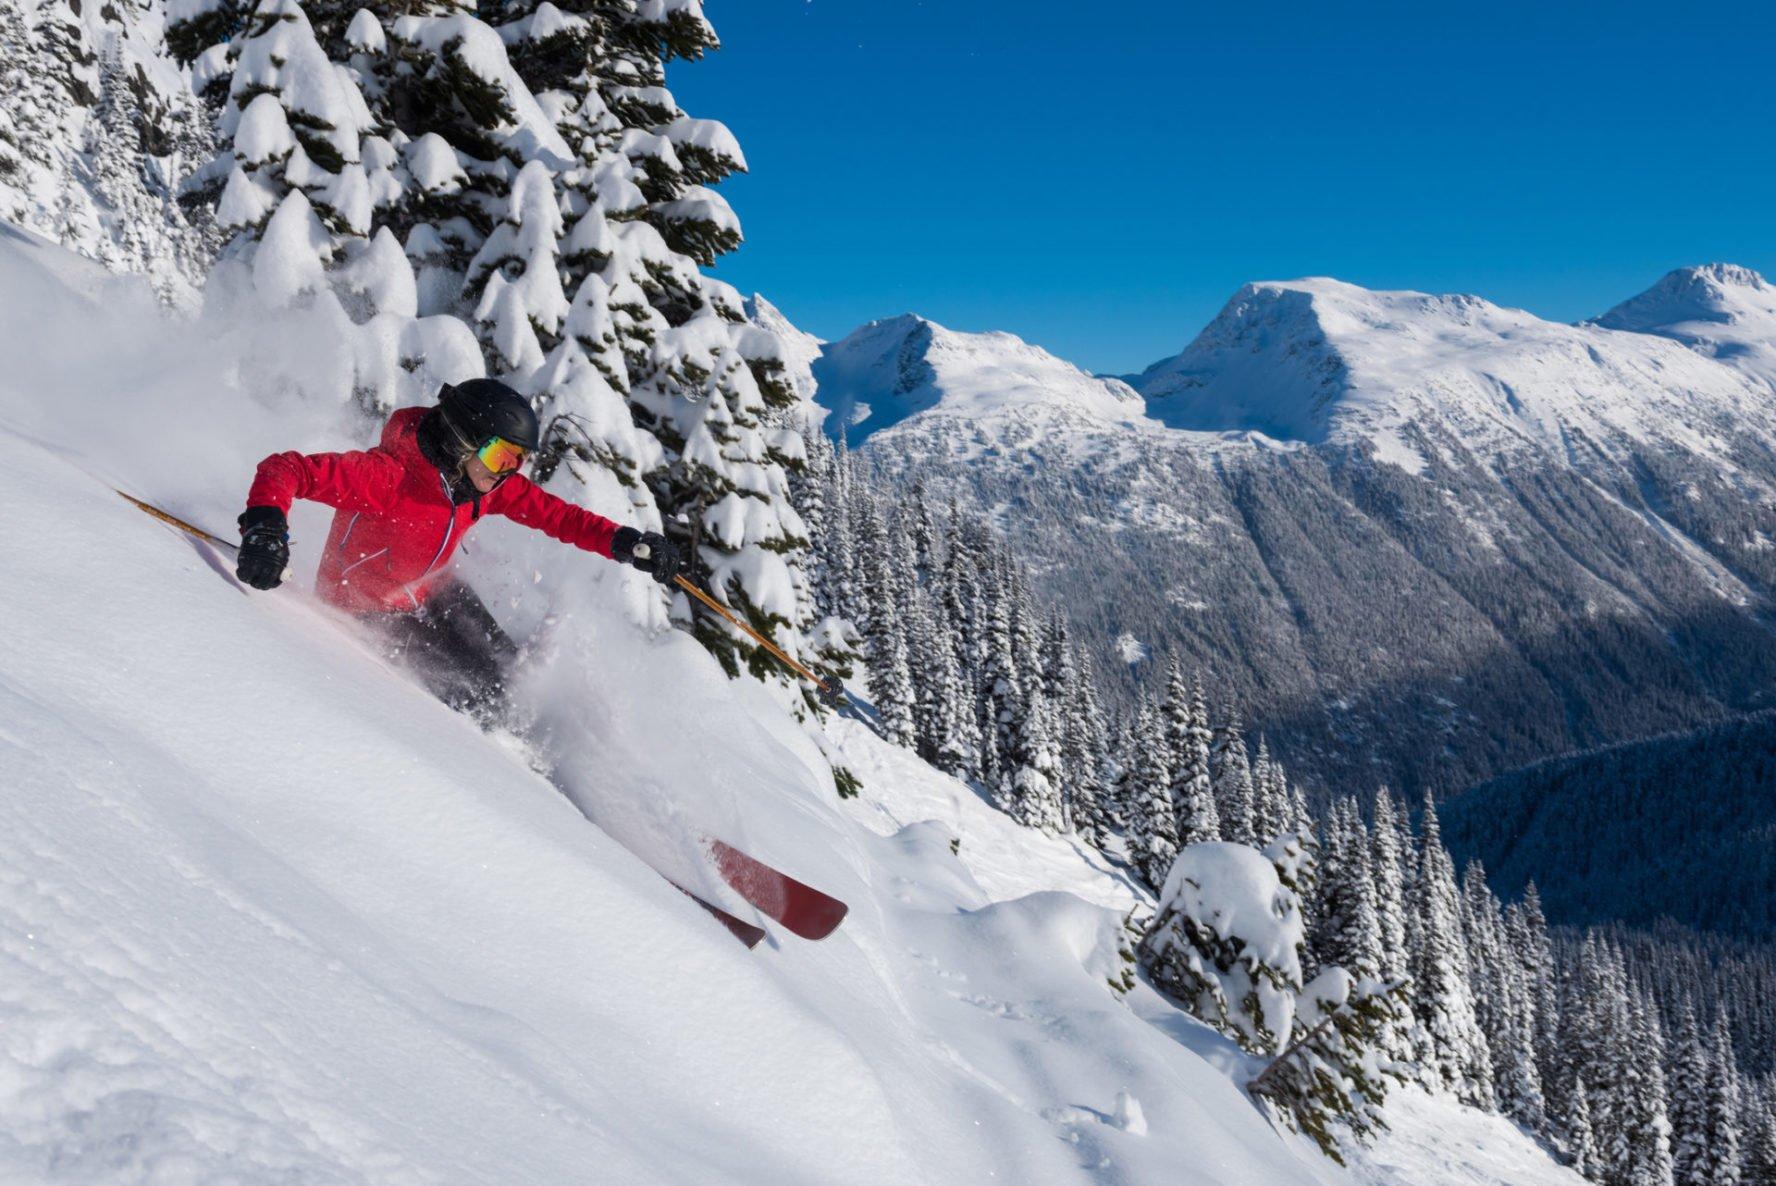 Whistler Blackcomb skiing